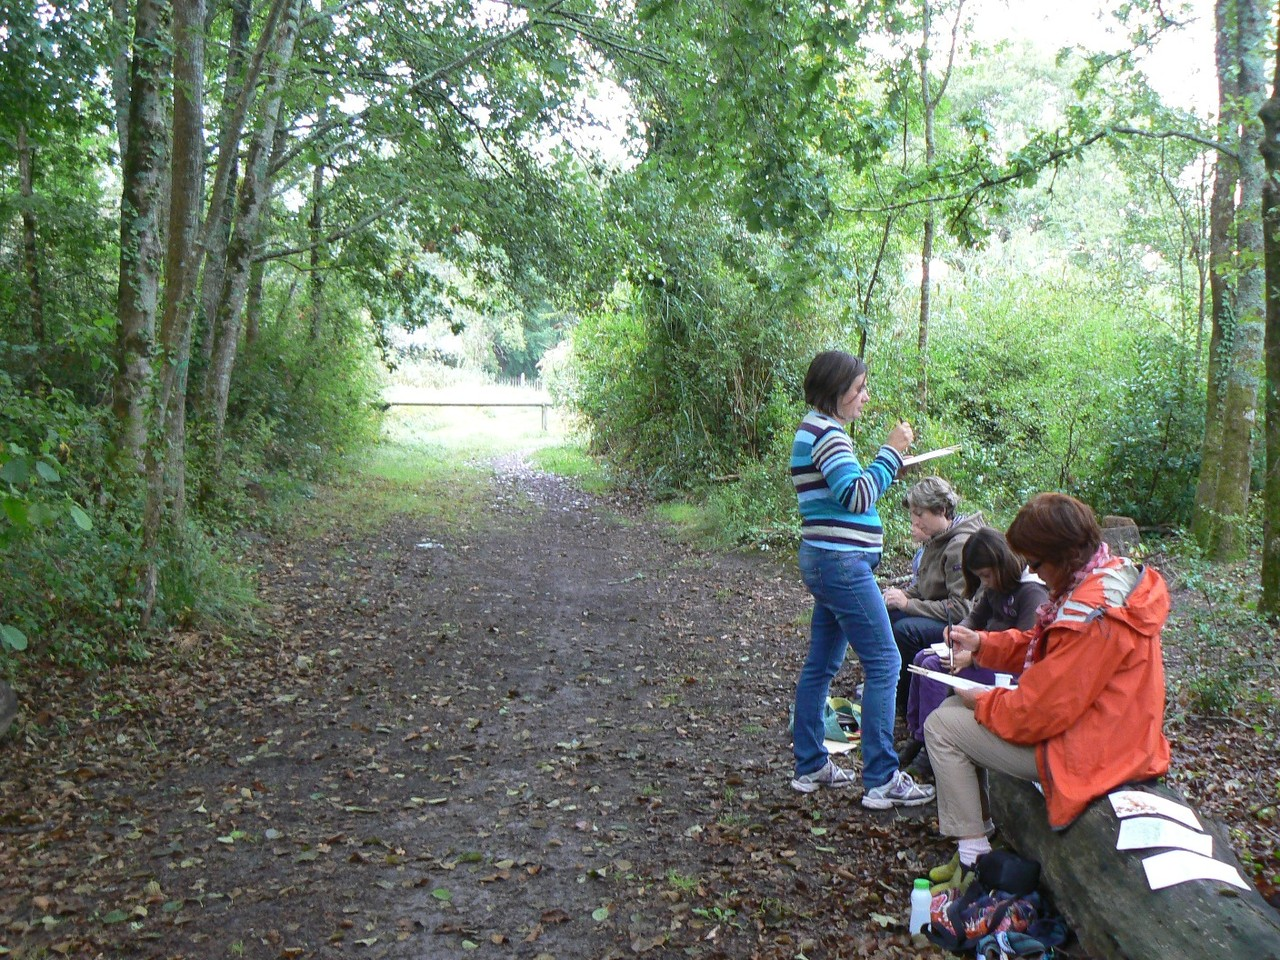 Atelier Carnet de voyage dans les bois du littoral, Lanton